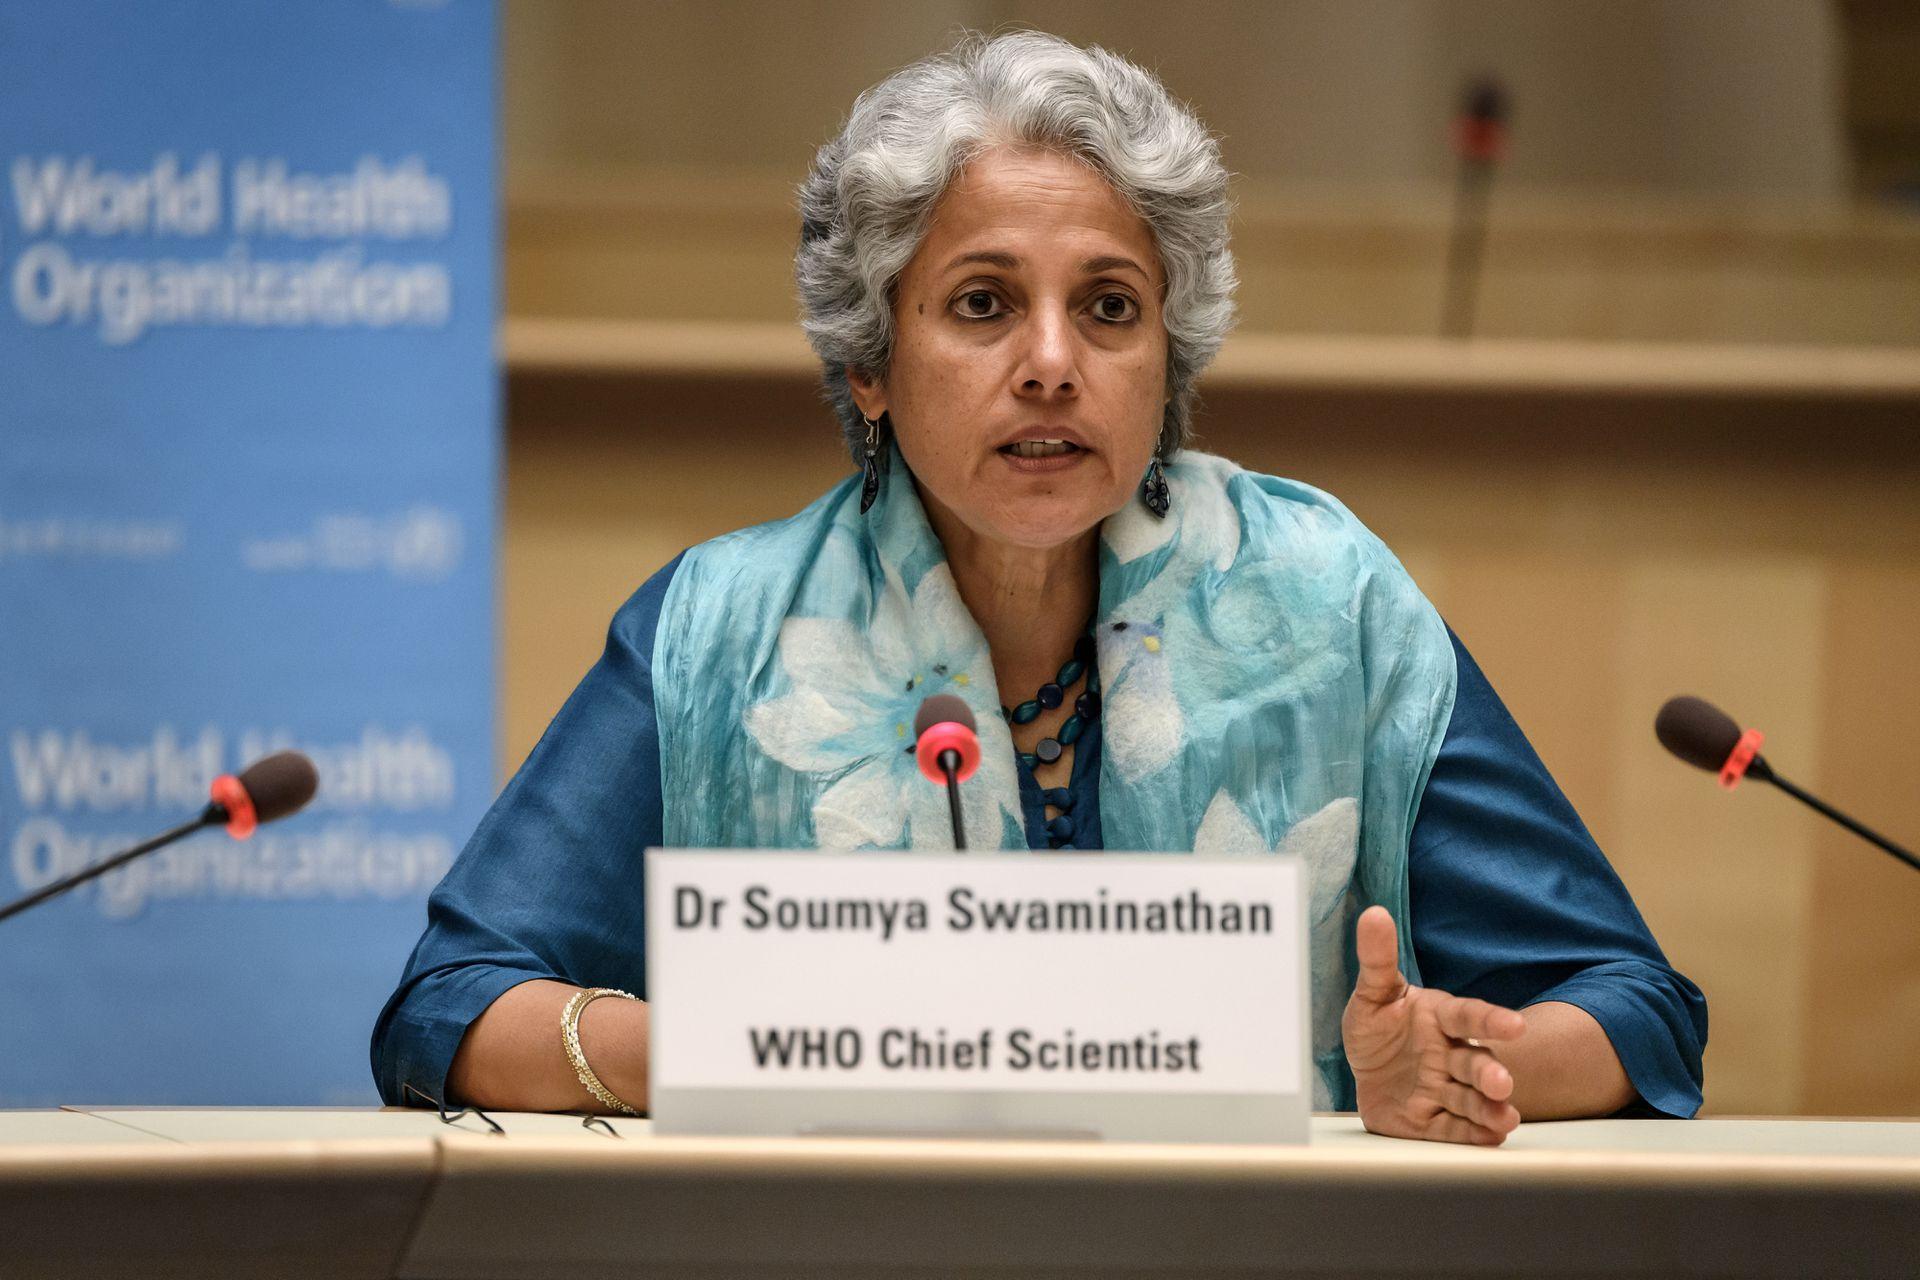 这国或将判处世卫组织首席女科学家死刑 引发关注